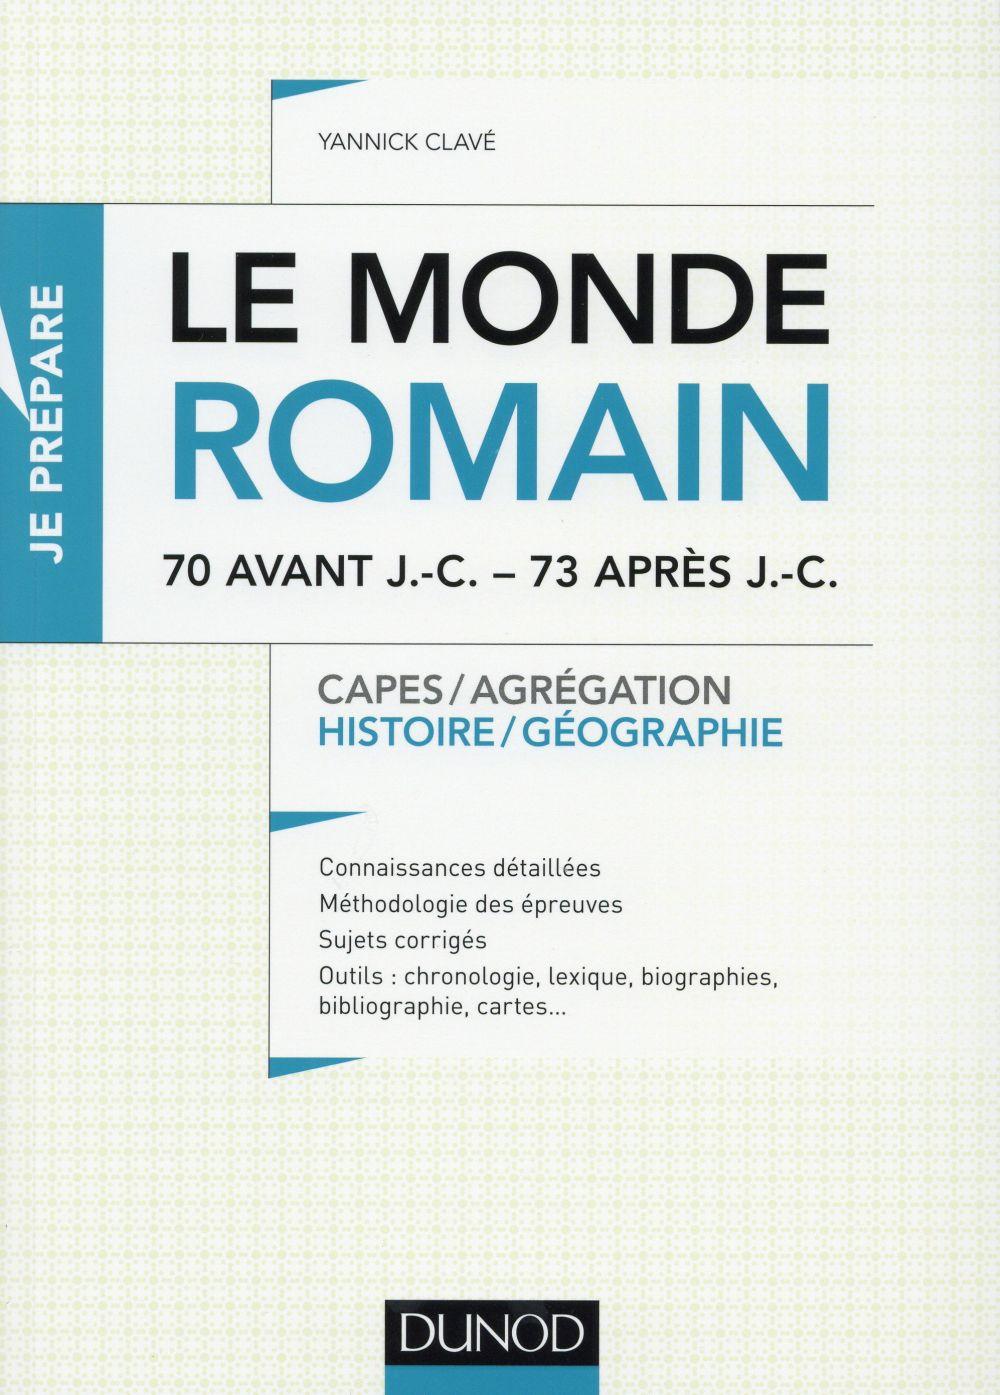 je prépare ; le monde romain ; 70 av. J.-C. à 73 apr. J.-C. ; capes, agrégation